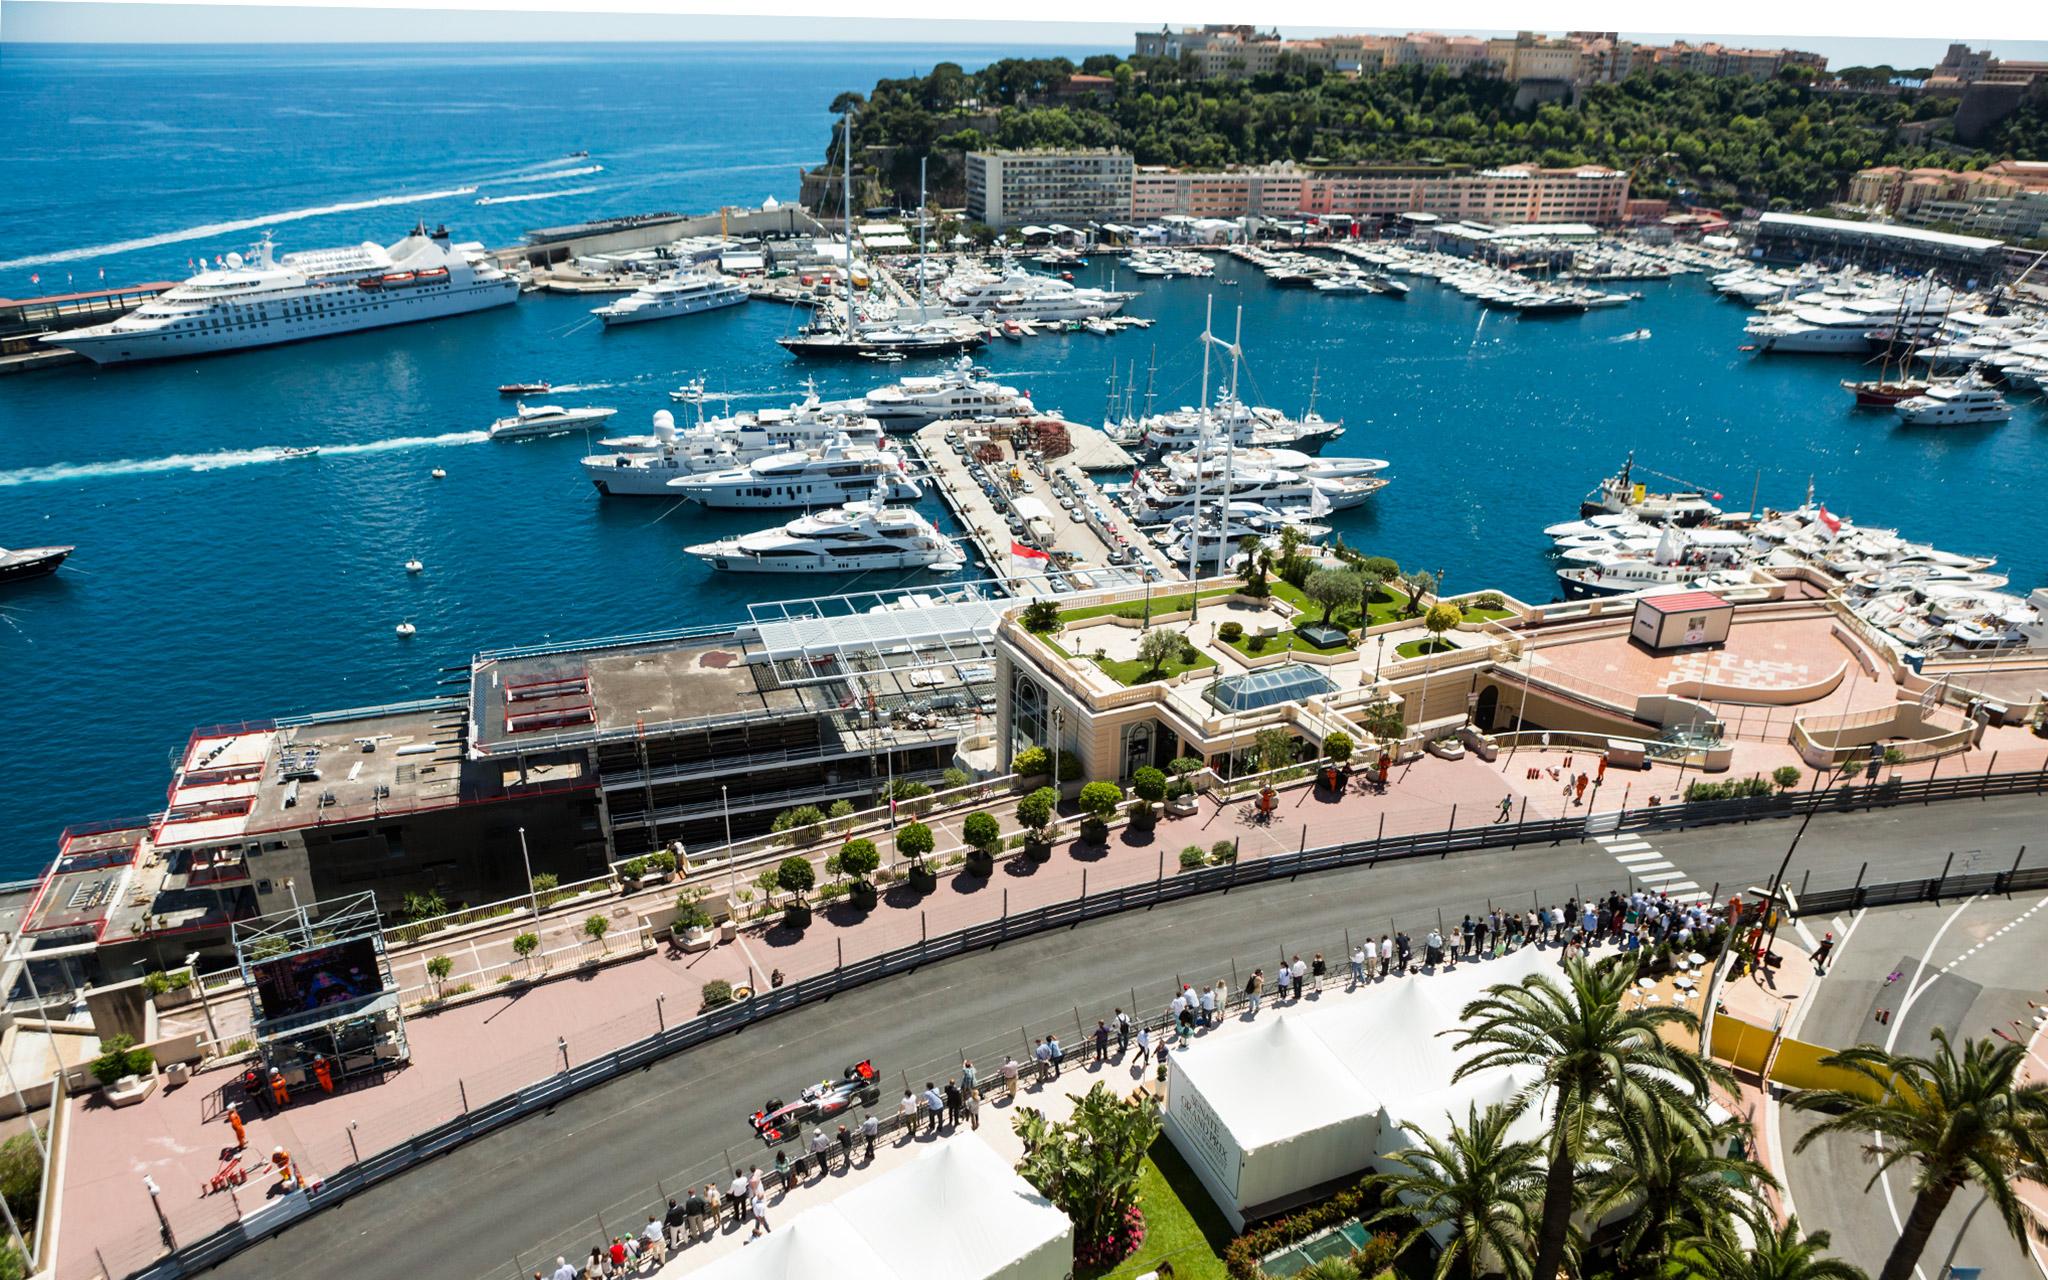 Monaco Formula 1 Grand Prix